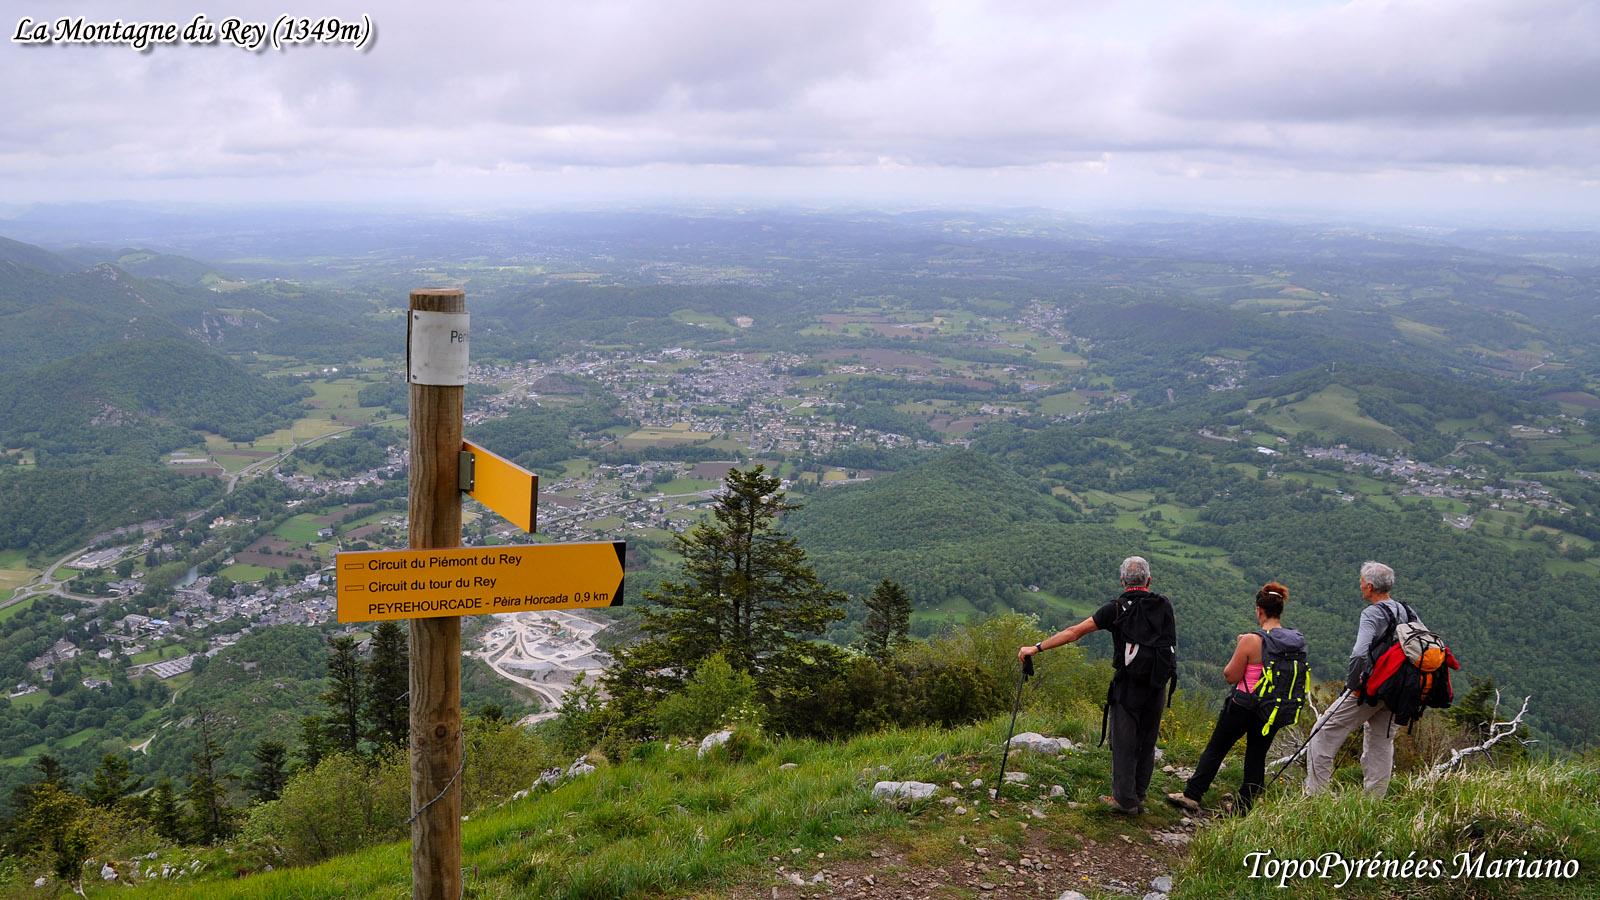 Randonnée Montagne du Rey (1349m) depuis le village de Louvie-Juzon